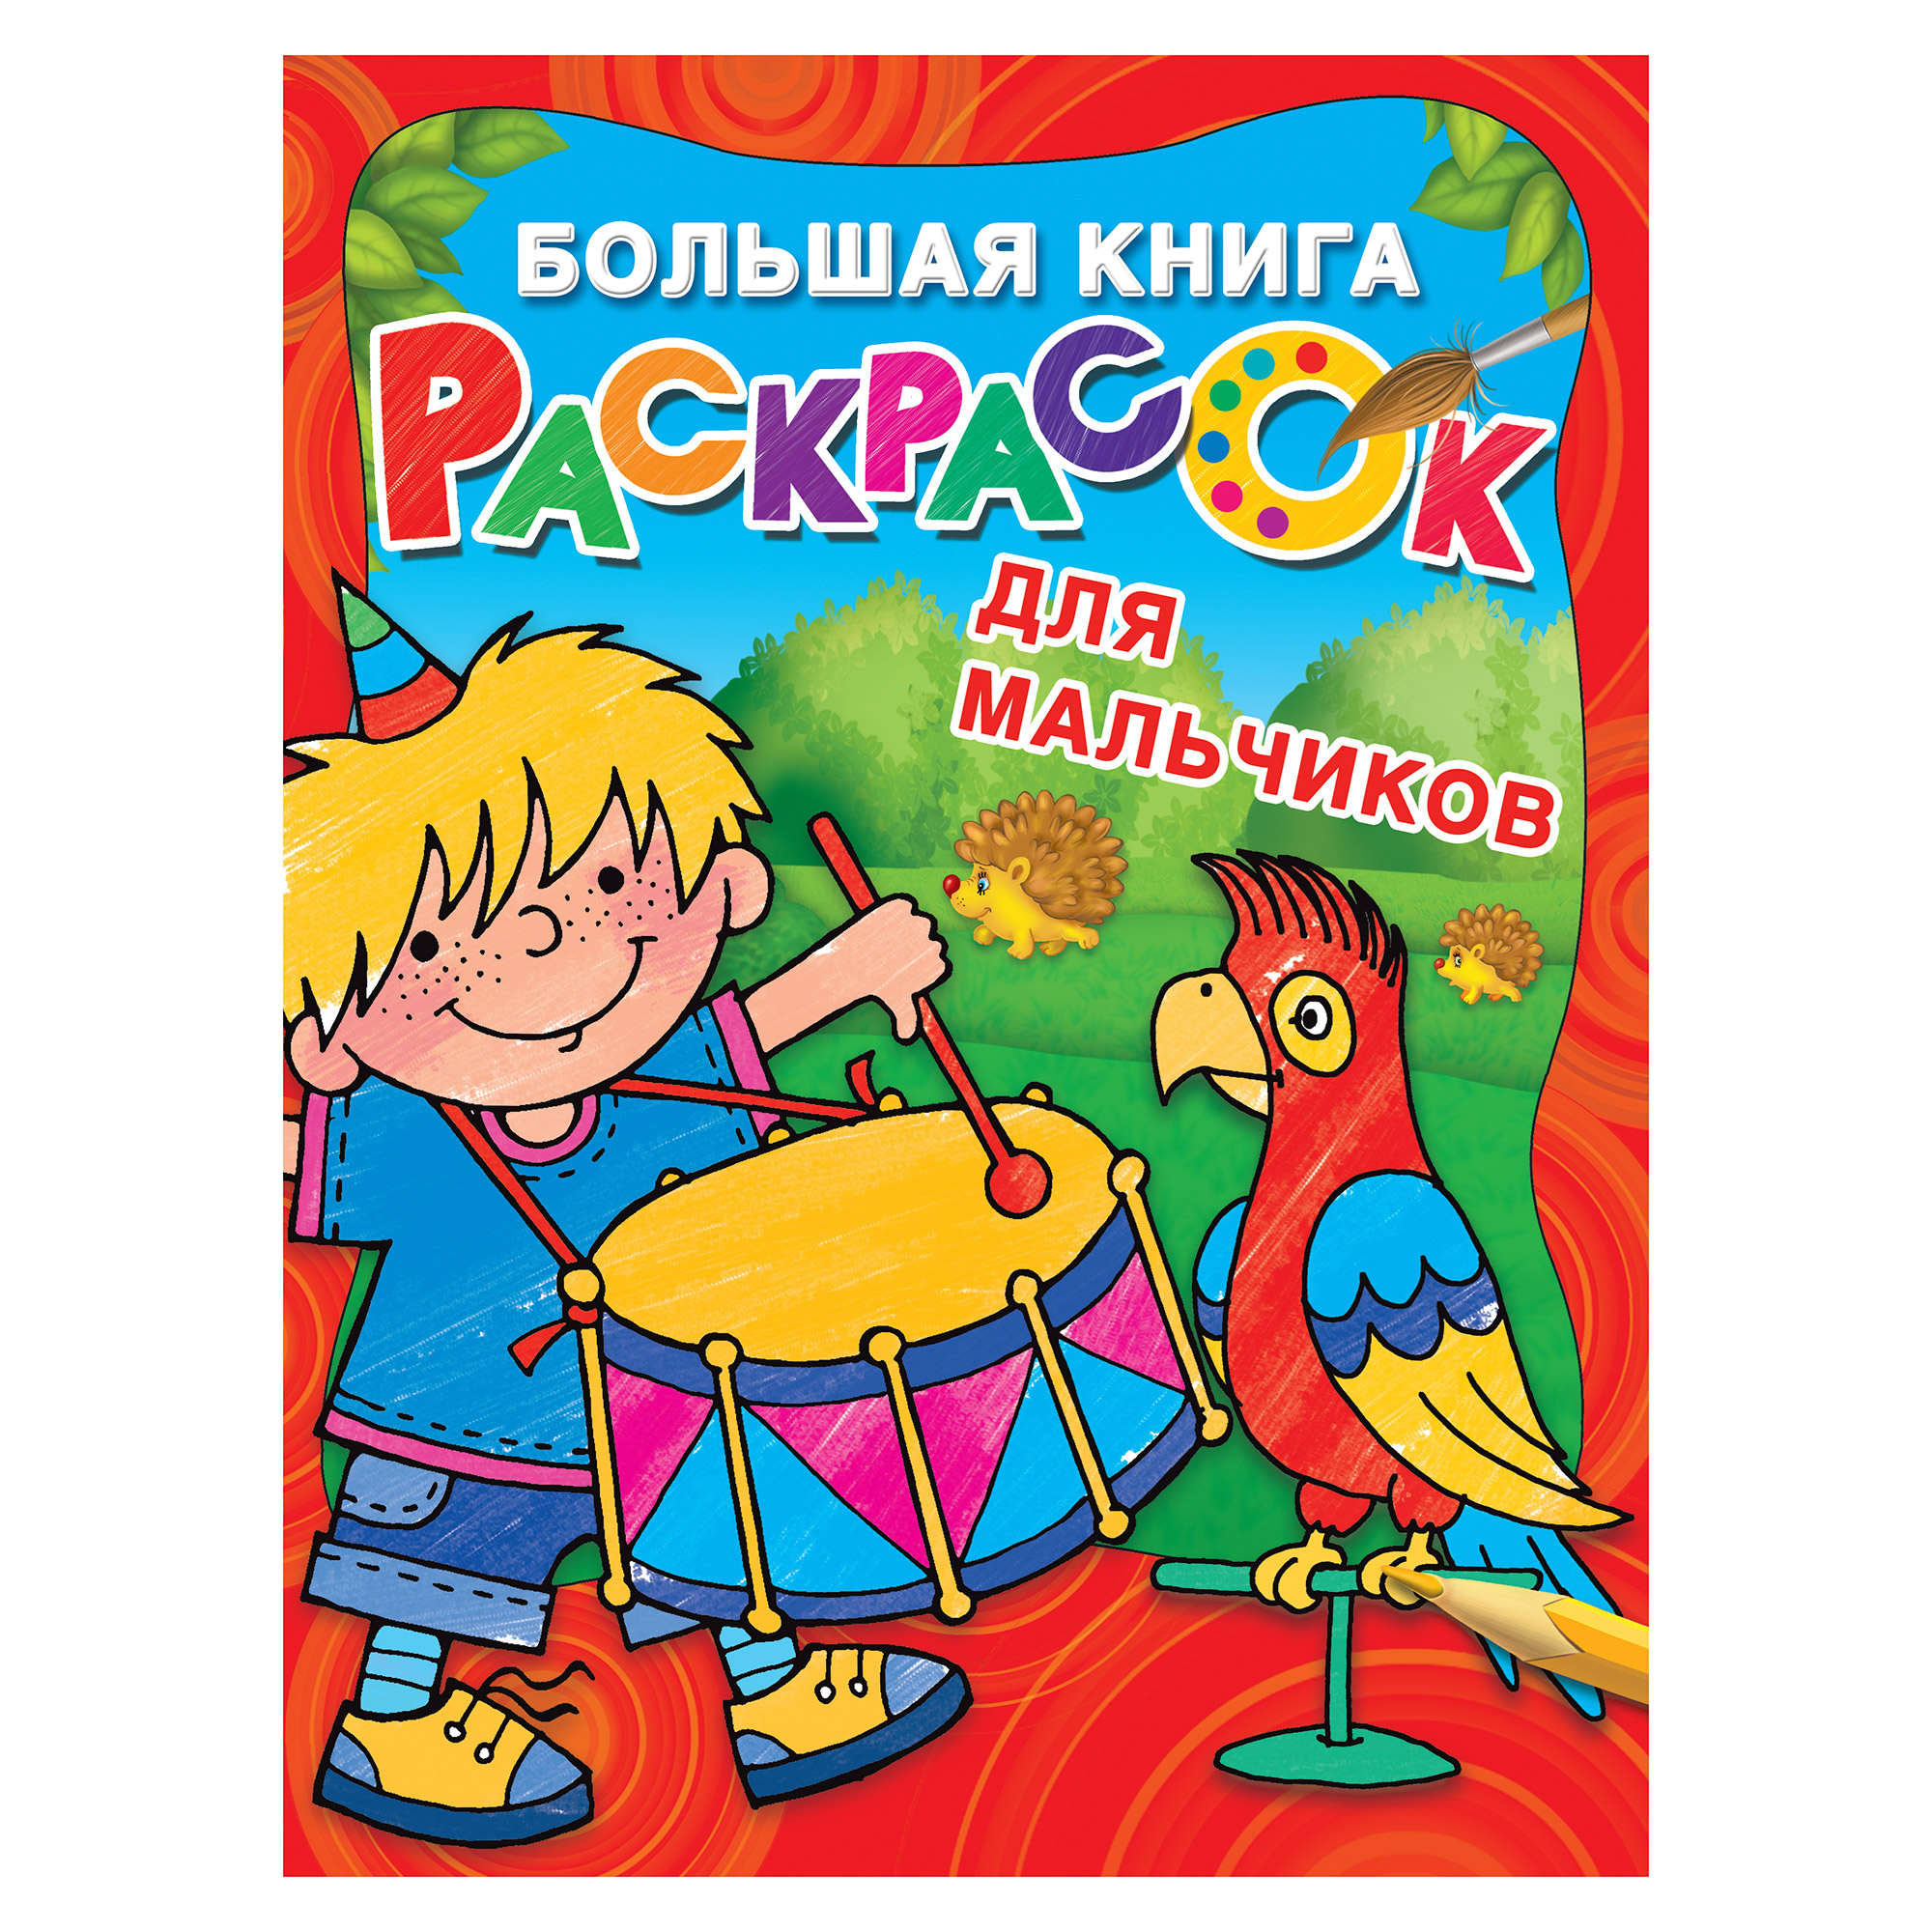 Фото - Большая книга раскрасок АСТ для мальчиков саломатина н ред большая книга раскрасок и наклеек для мальчиков грузовики 4